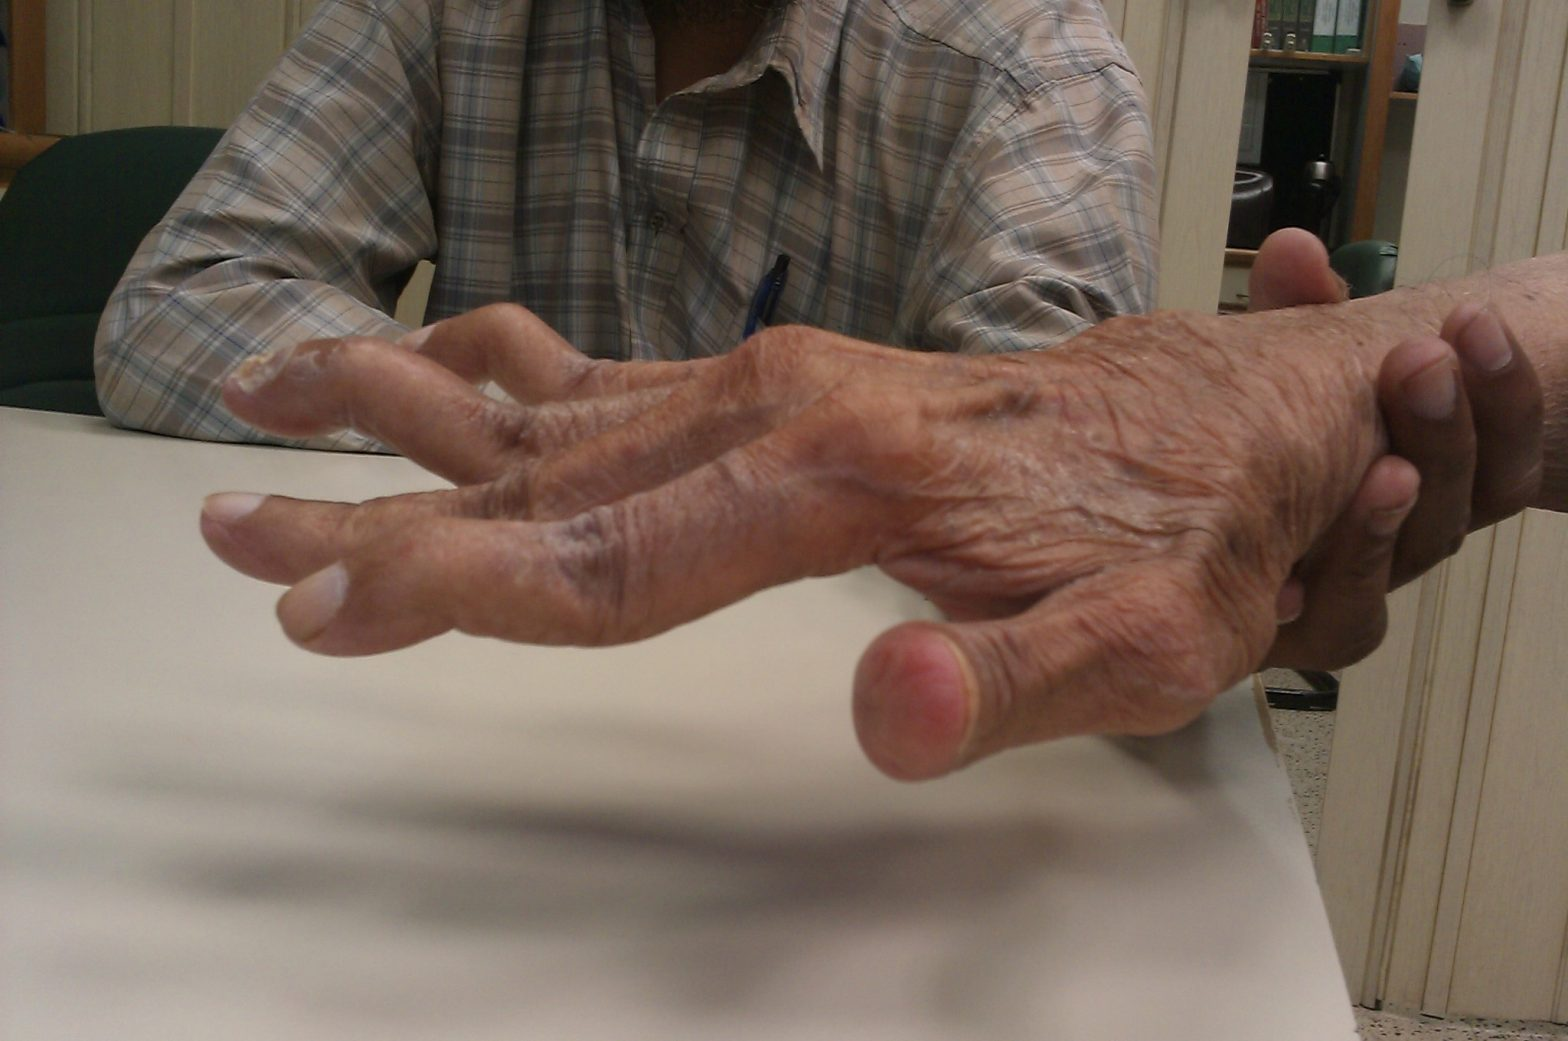 Rheumatoid Arthritis: Punca, Simptom dan Cara Rawatan